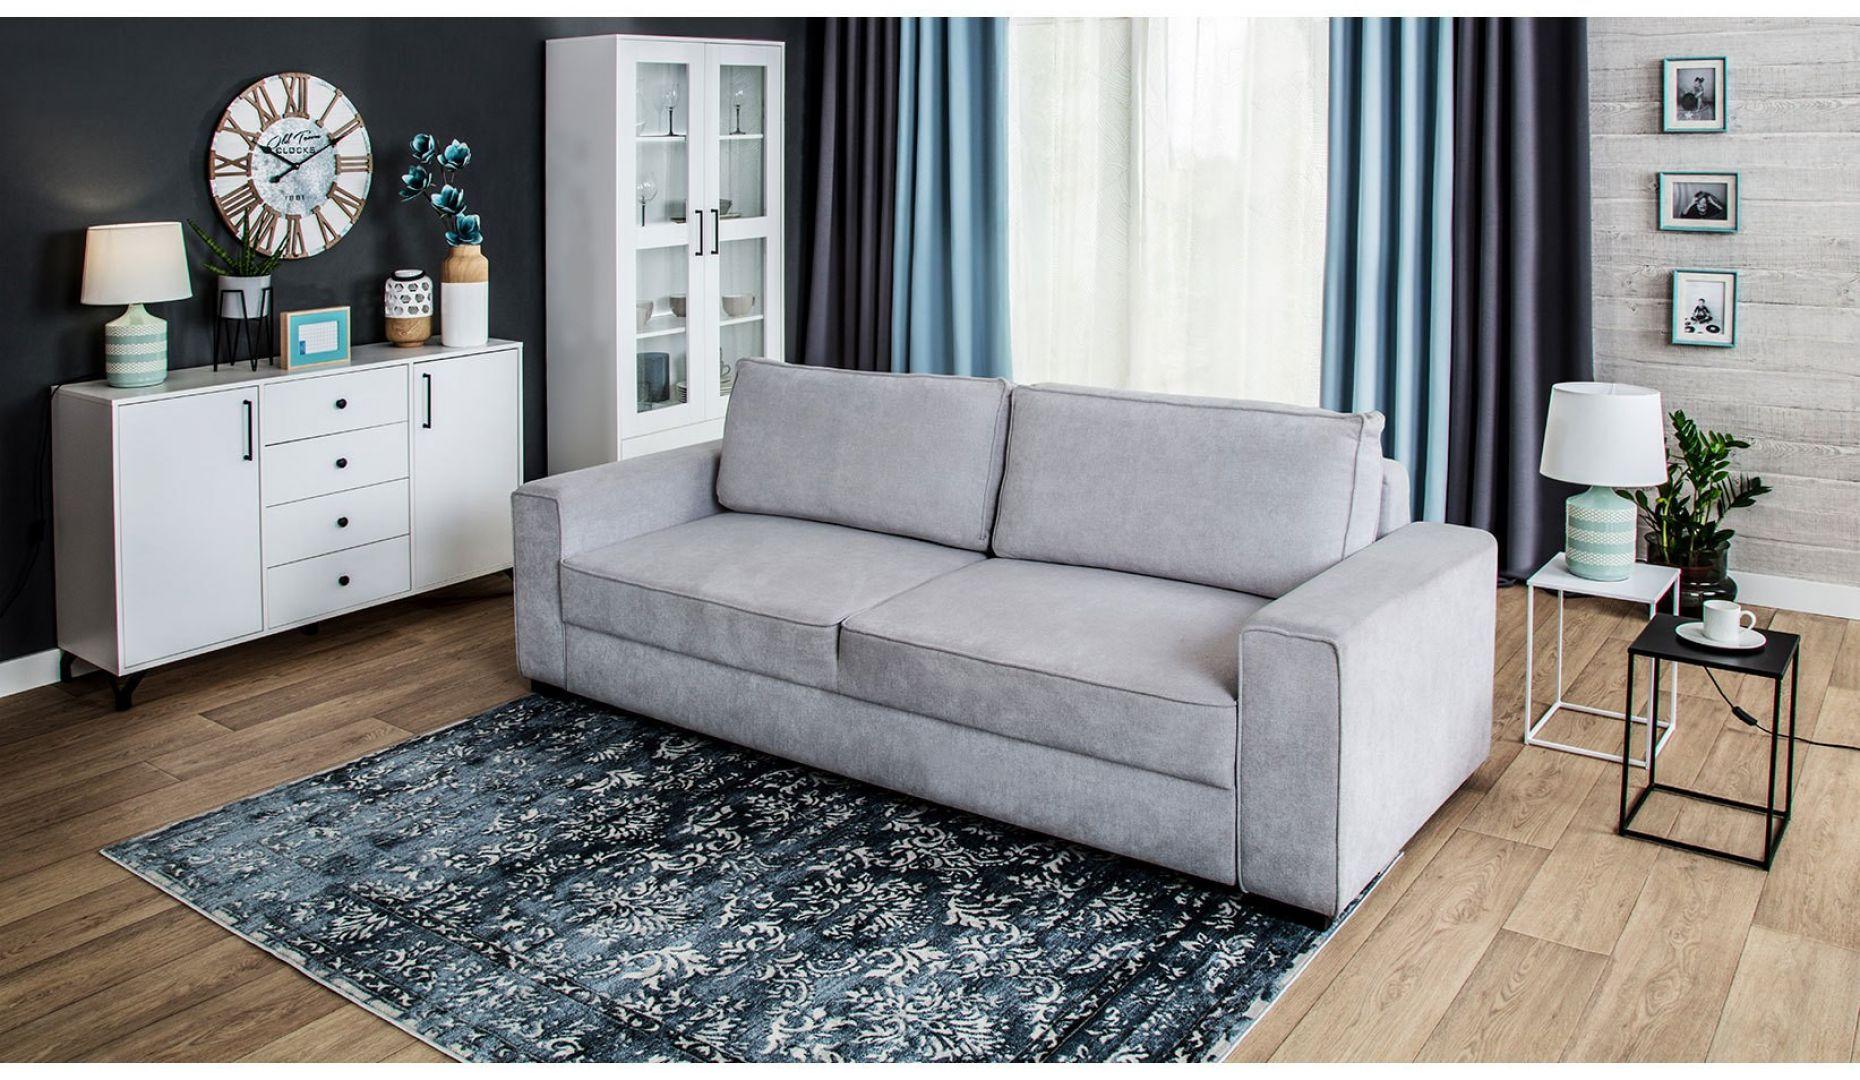 Sofa do salonu z kolekcji Vega dostępne w ofercie Salonów Agata. Cena: 2.150 zł. Fot. Salony Agata